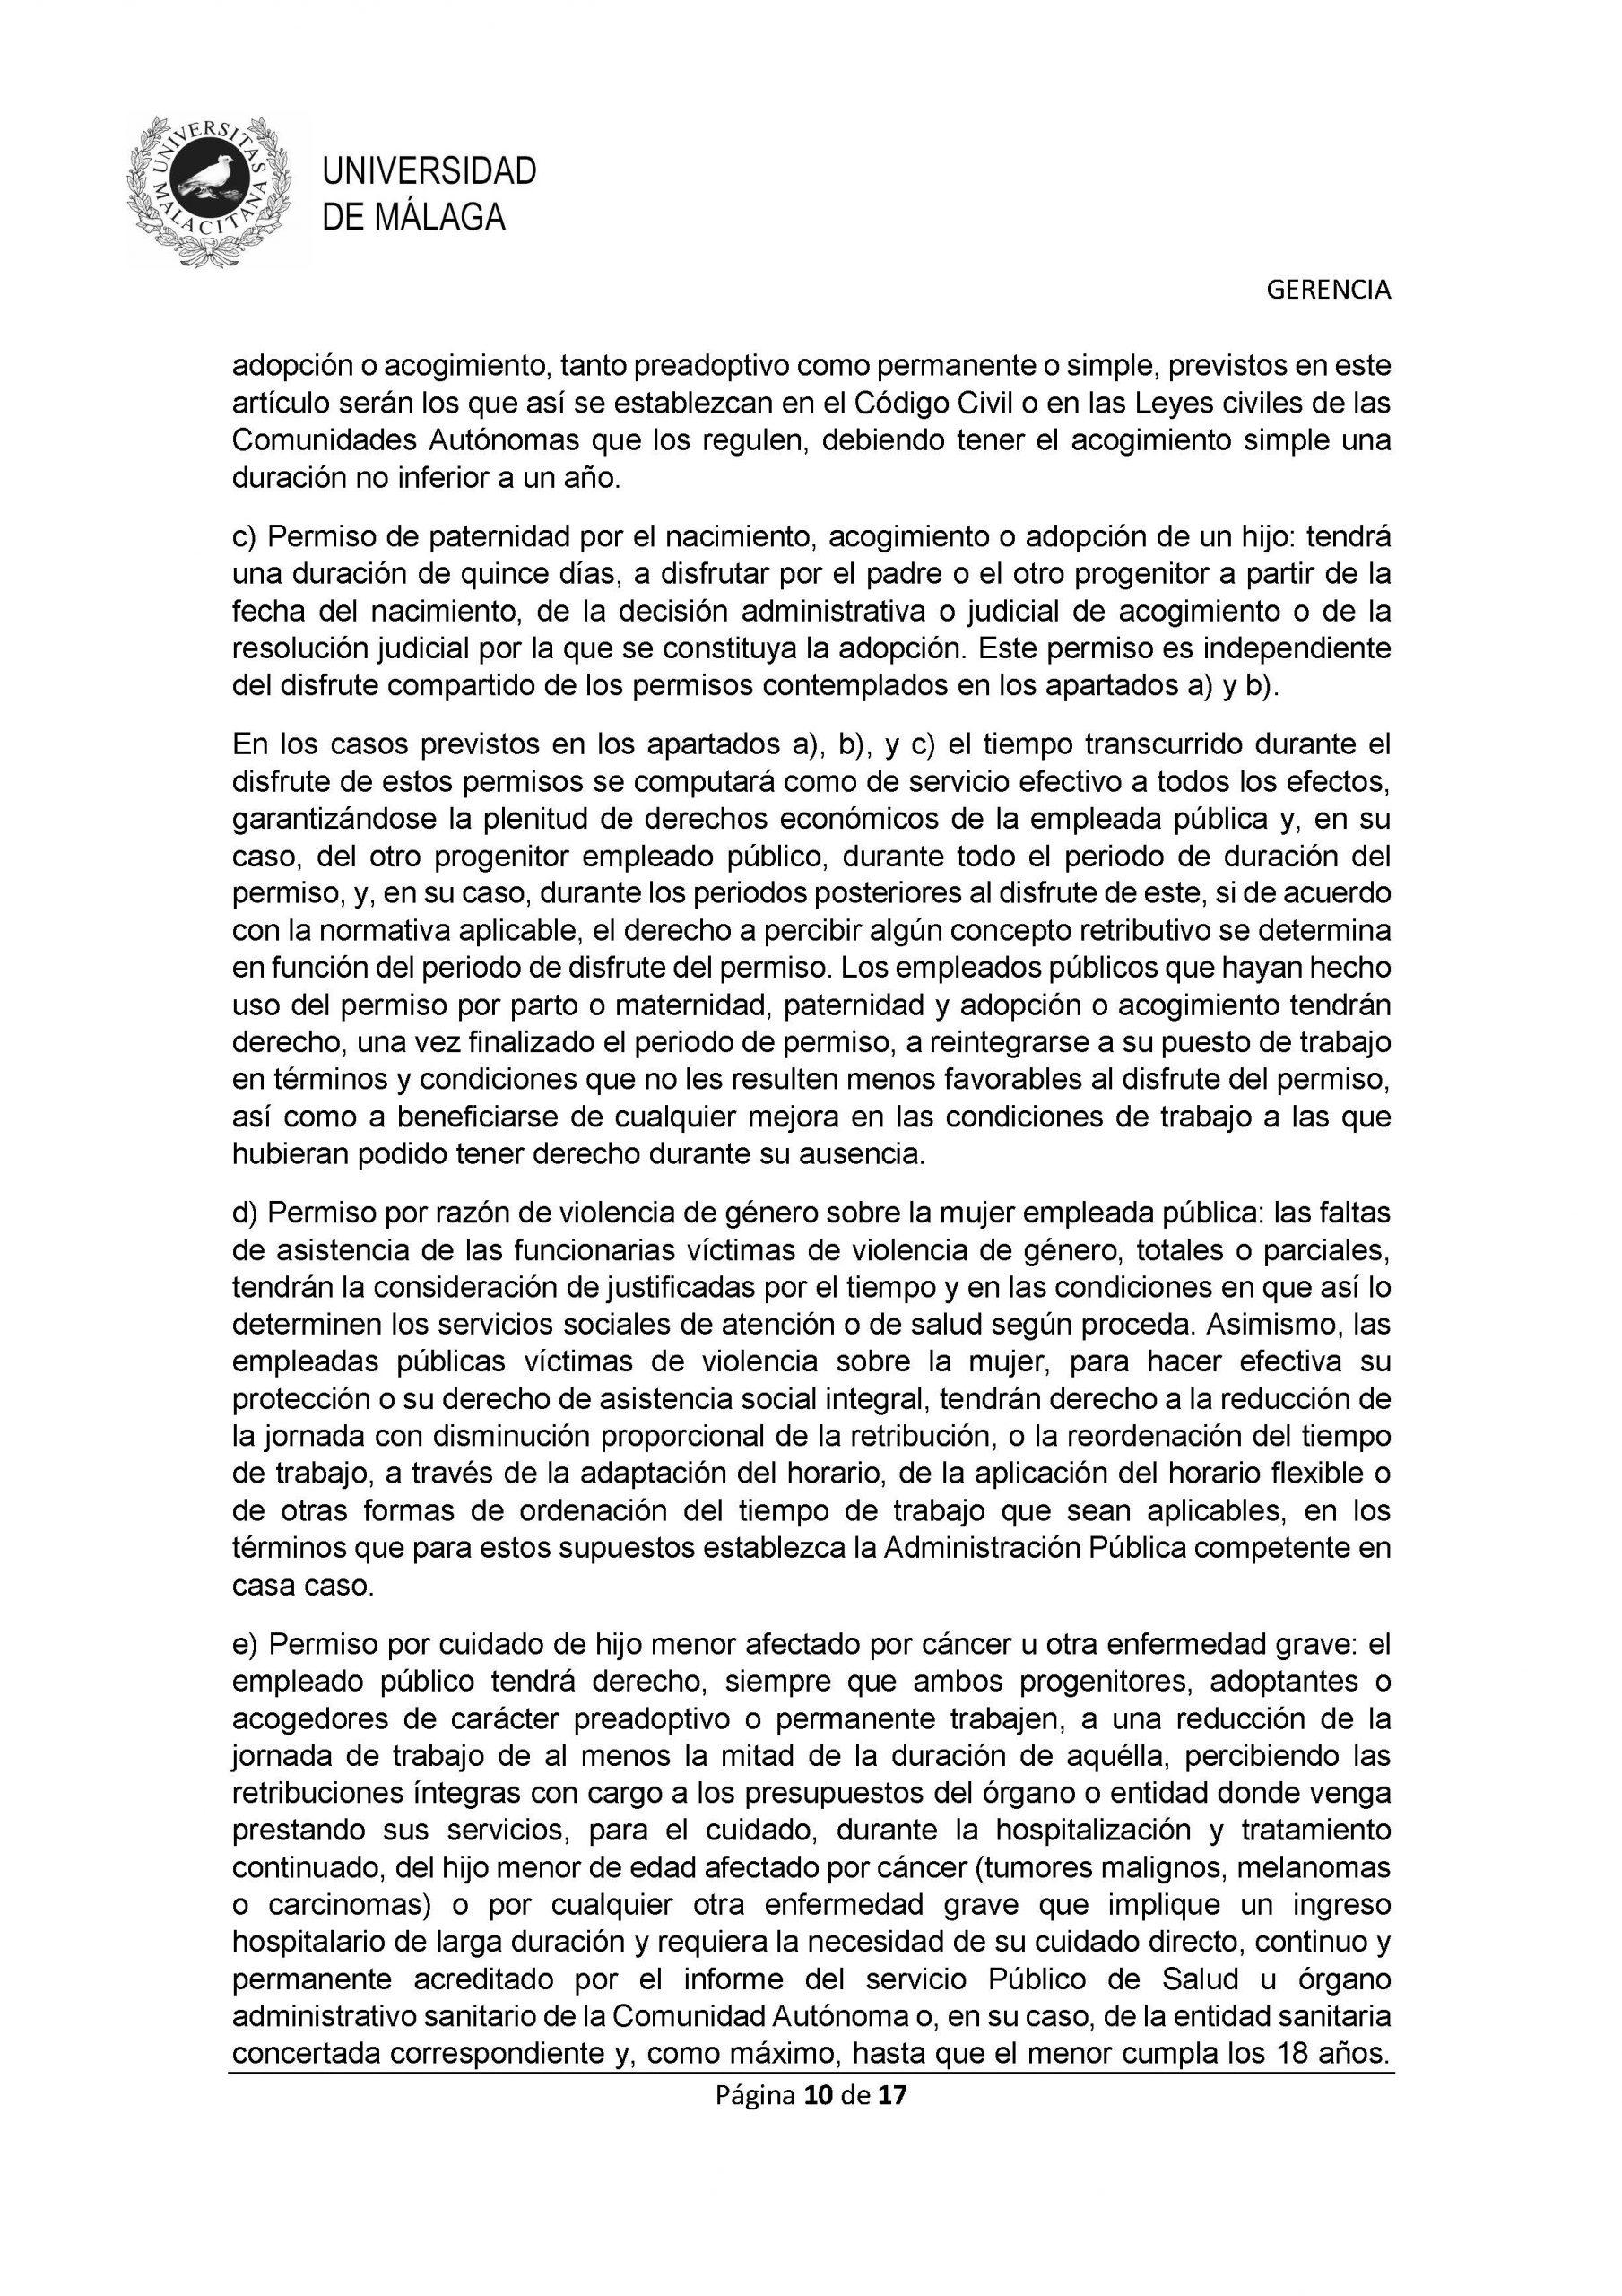 instruccion_interna_texto_final_5_de_mayo_pgina_10